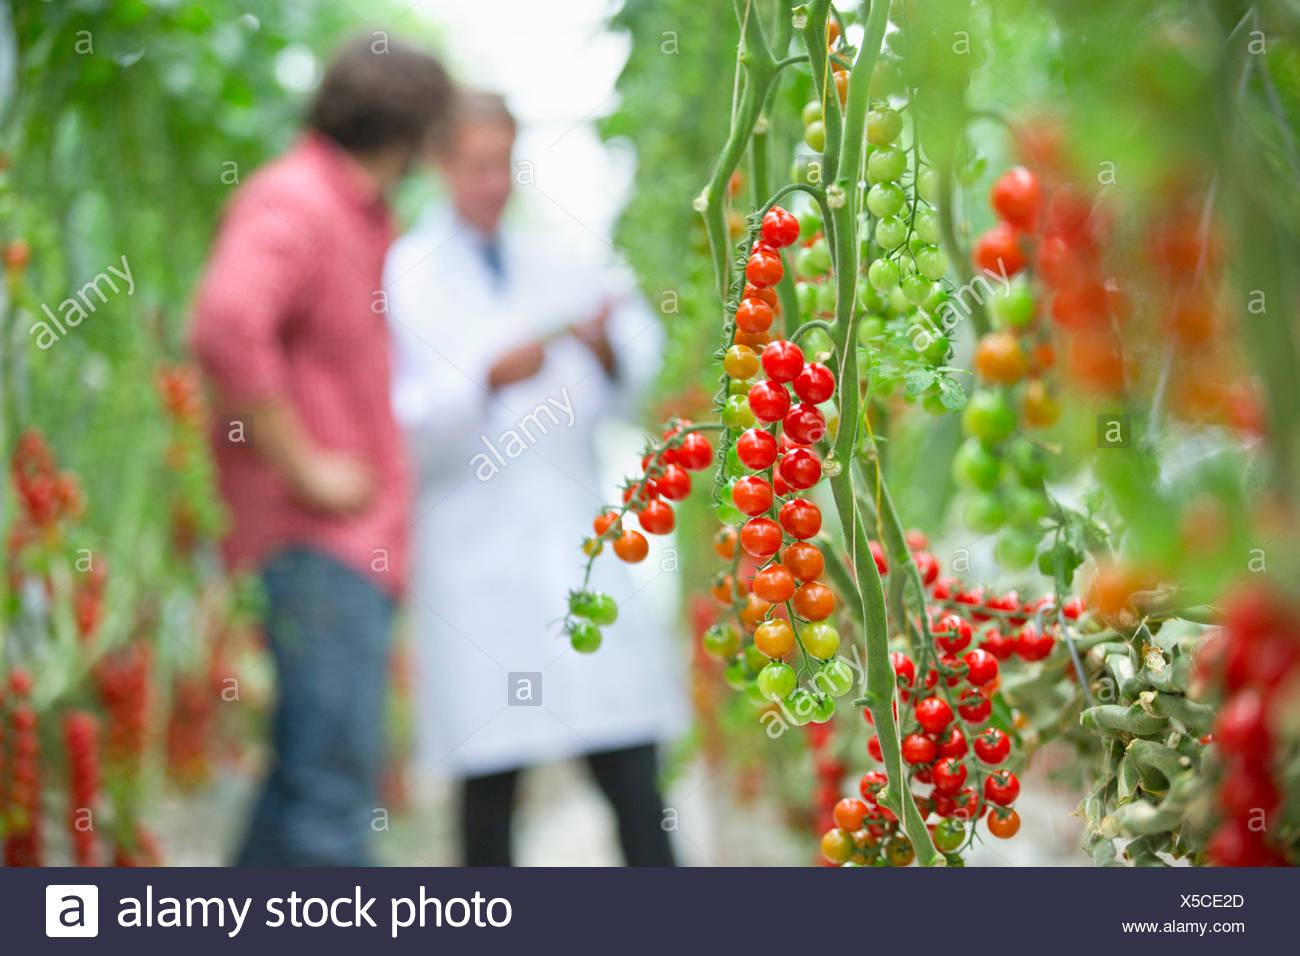 Le mûrissement des tomates sur vigne Photo Stock